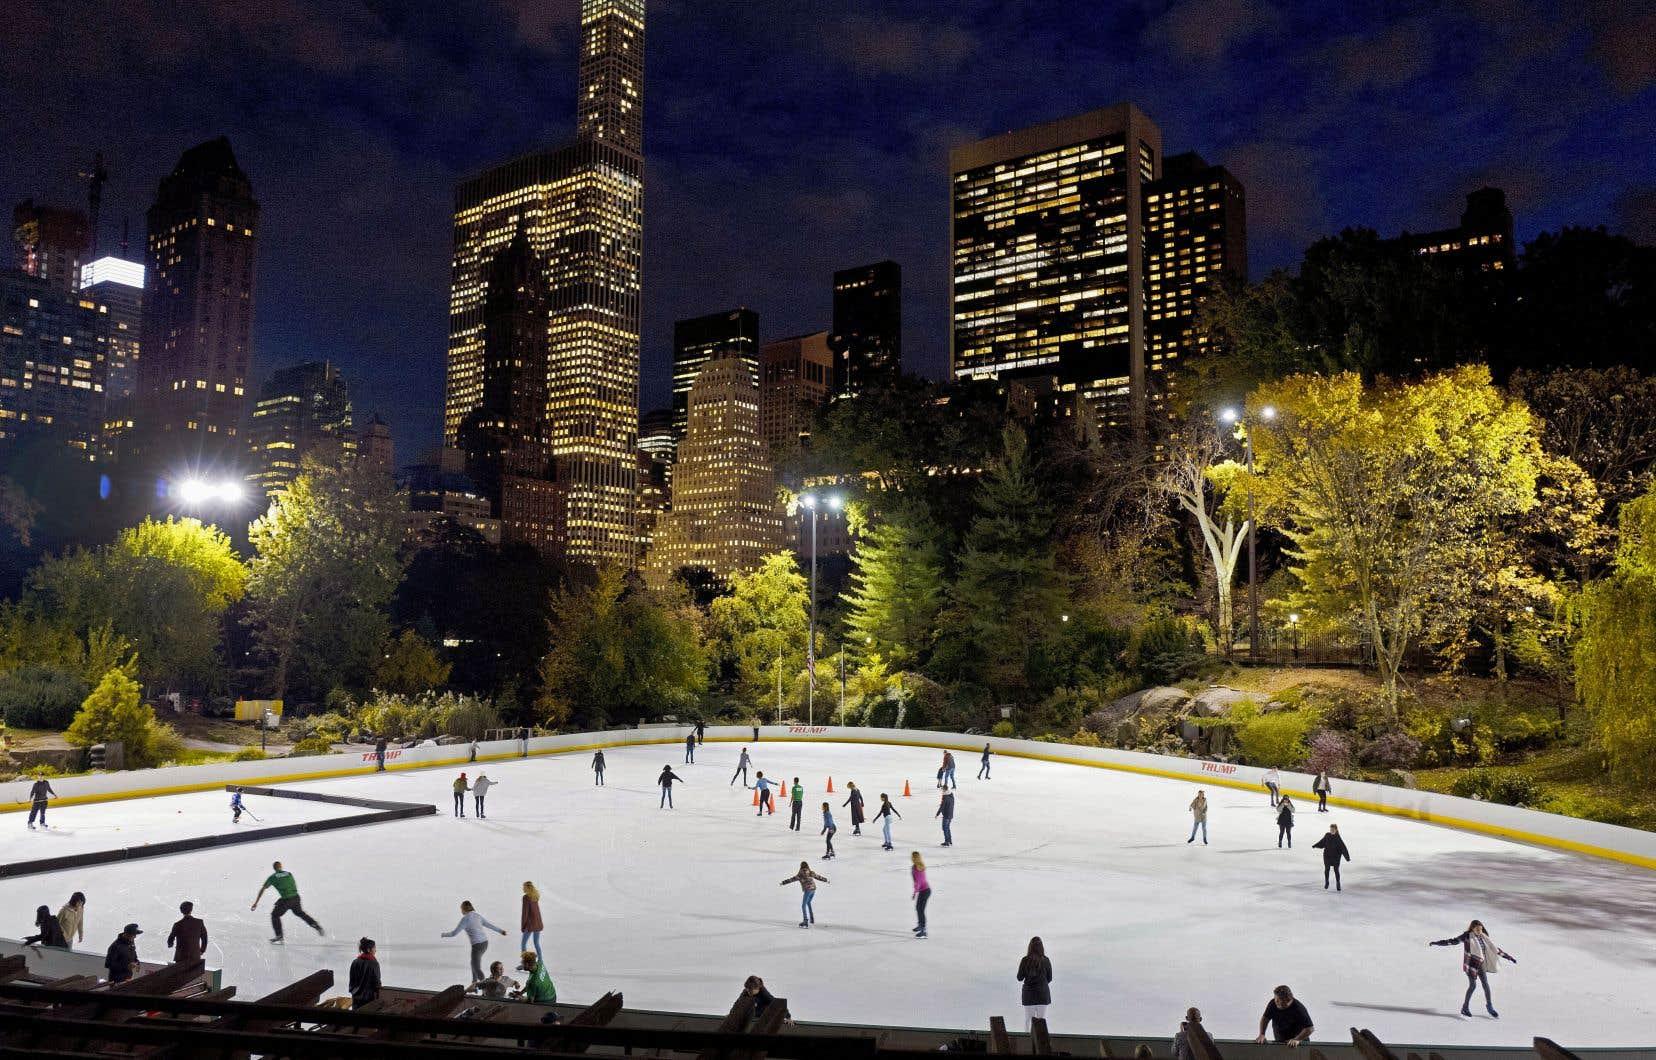 Dans les années 1980, la société de Donald Trump avait repris la gestion des deux patinoires de Central Park, dont la Wollman Rink, la plus connue et la plus touristique.